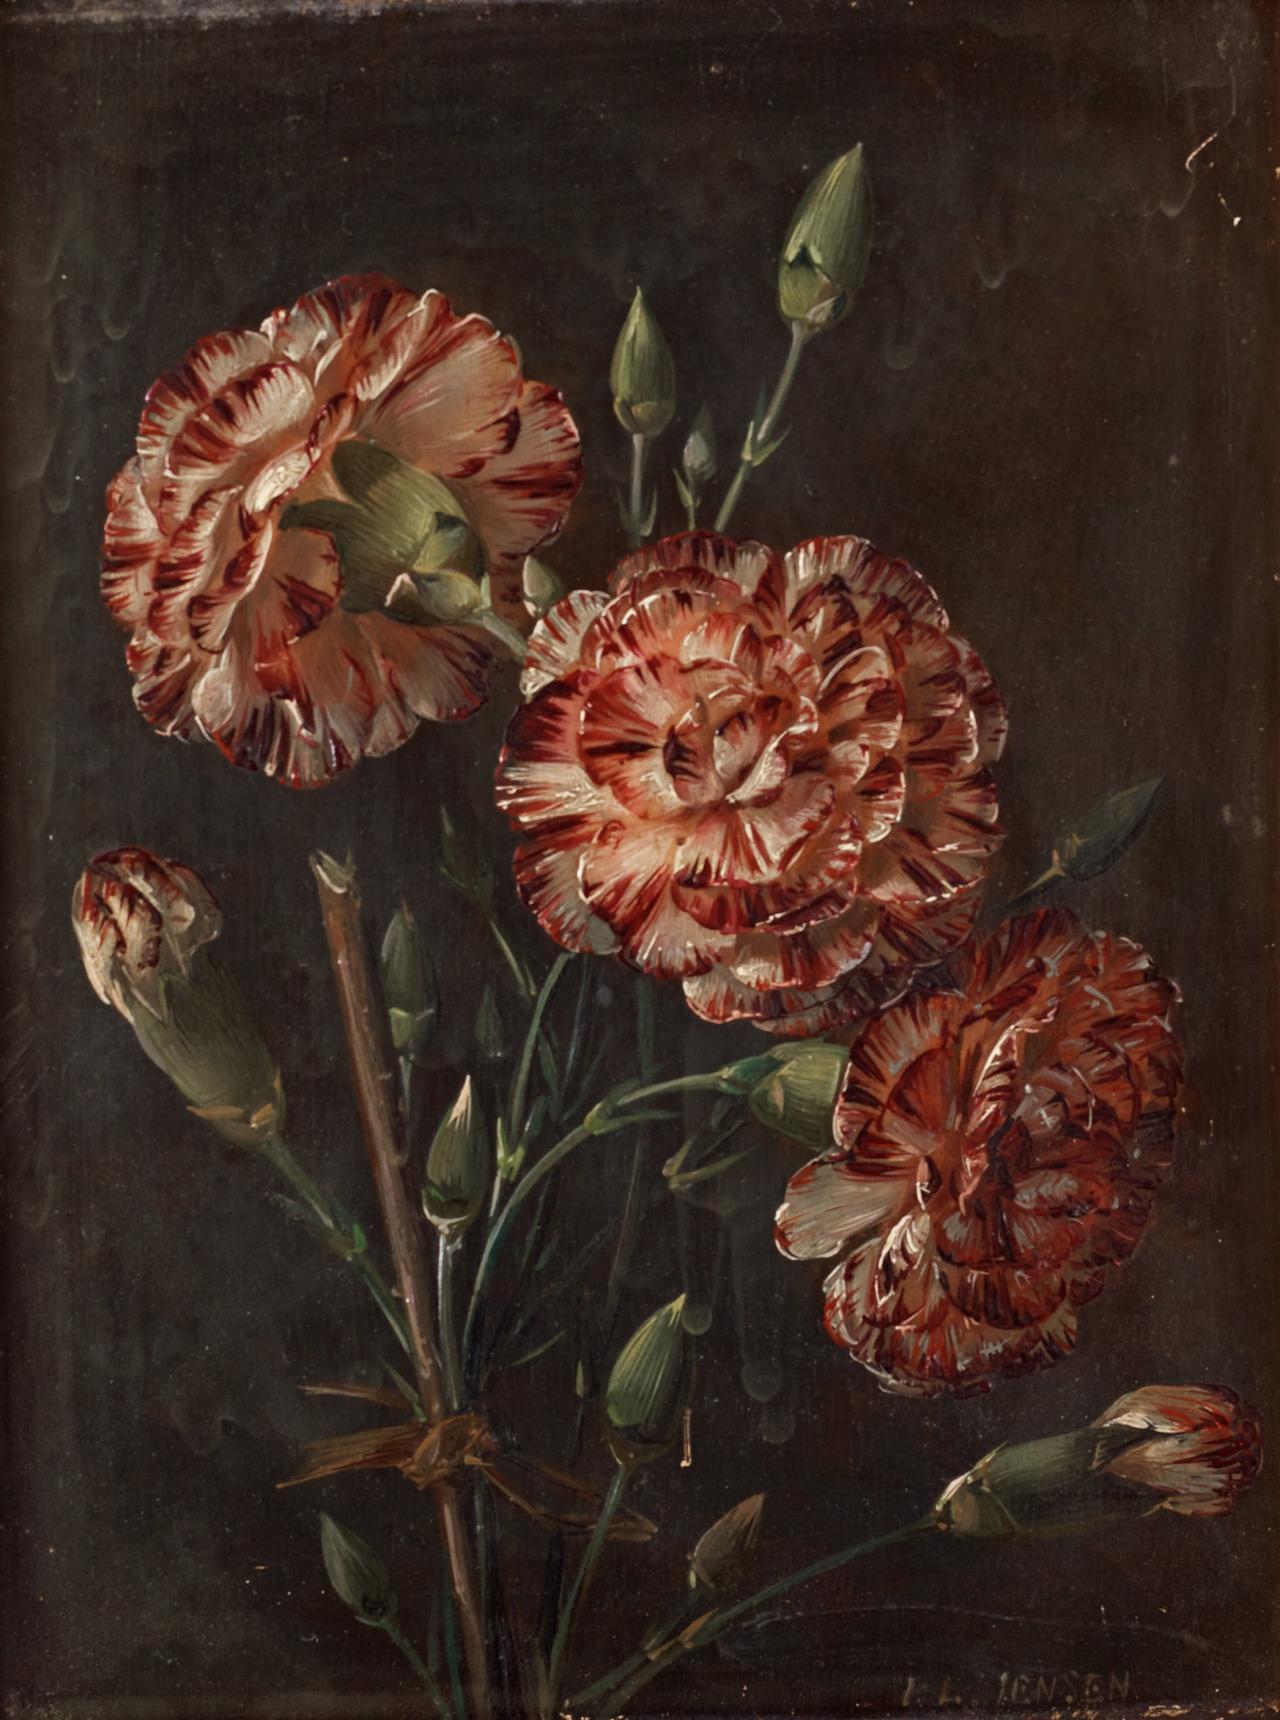 康乃馨静物画_Still life with Carnations-约翰·劳伦兹·詹森